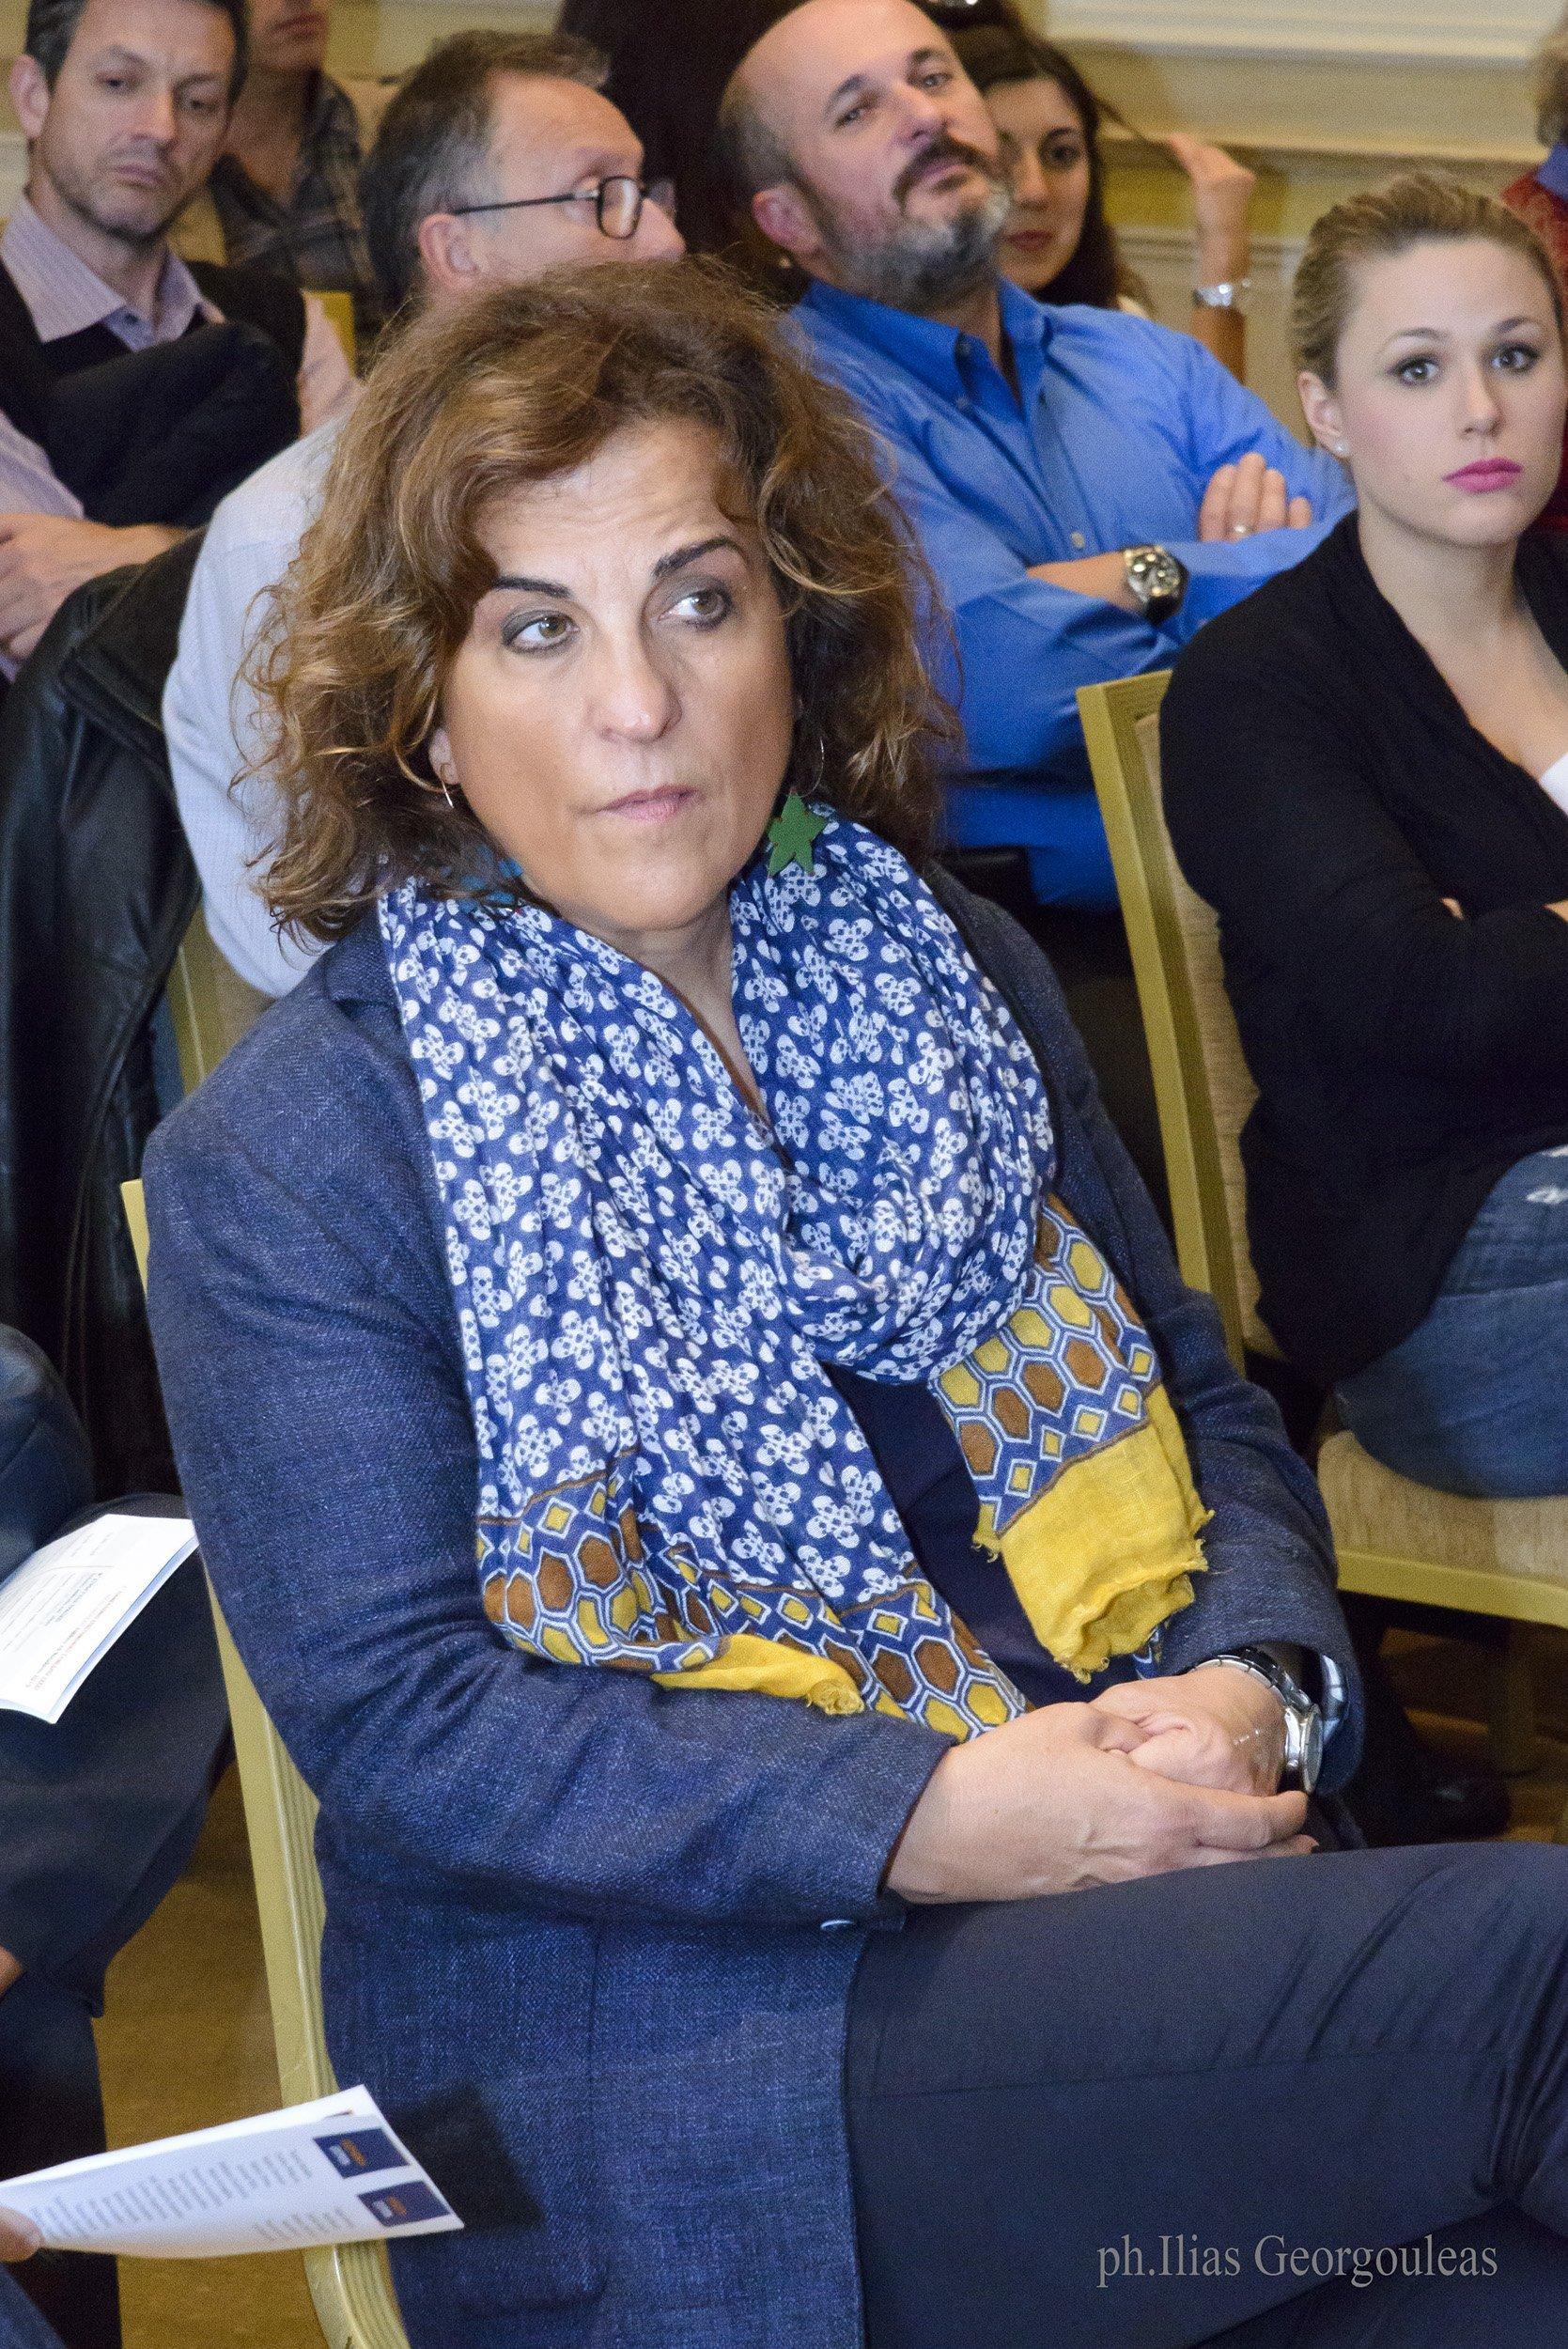 Θεοχάρη Μαρία, Υπεύθυνη τμήματος Marketing SOS Ιατρών